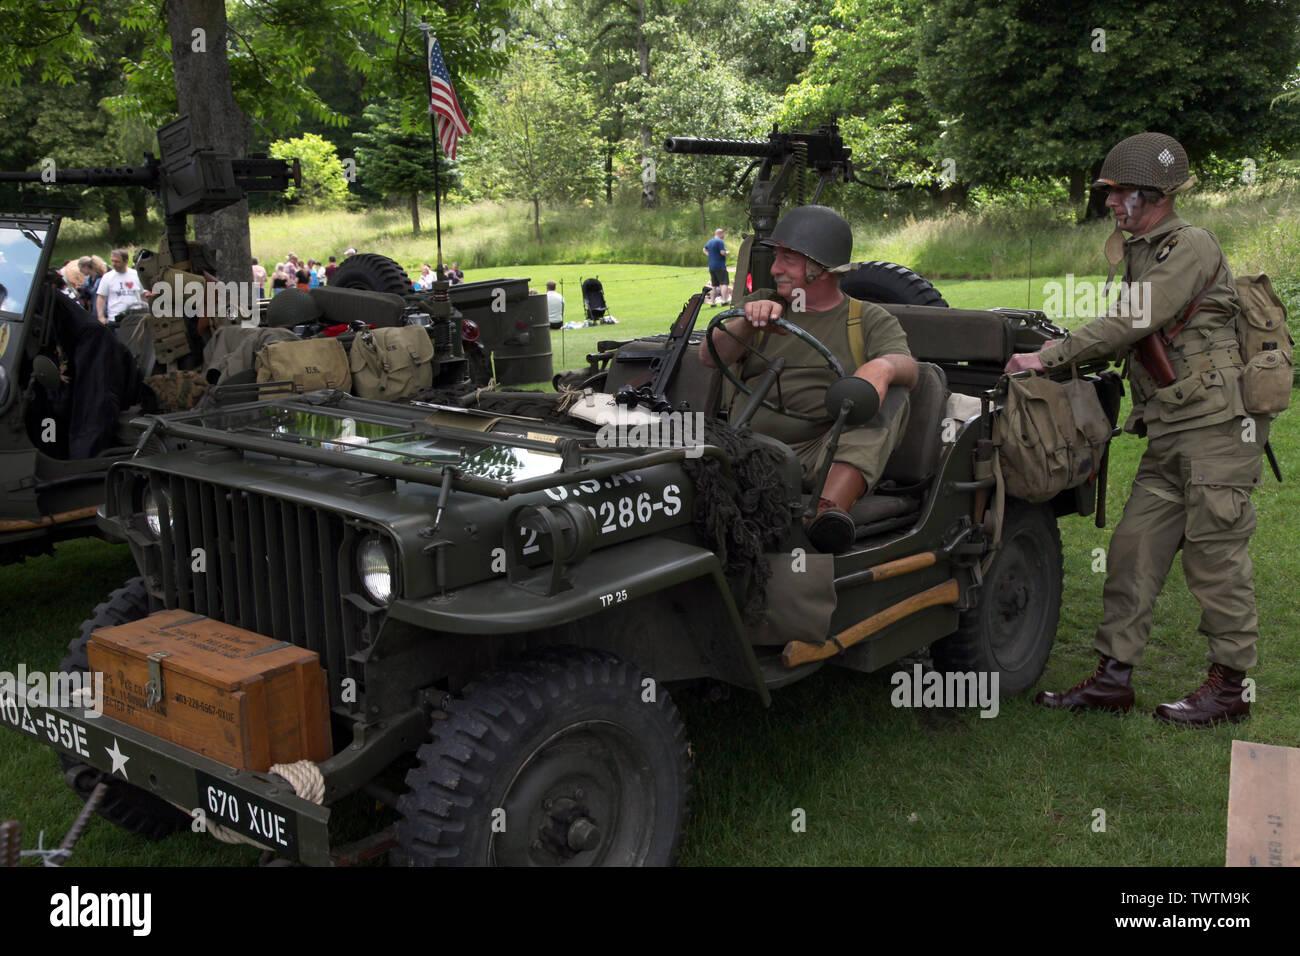 TP25 Miltary Jeep (Willy's Jeep) montado con ametralladora Browning M1919 y dos representaciones militares soldados estadounidenses Foto de stock